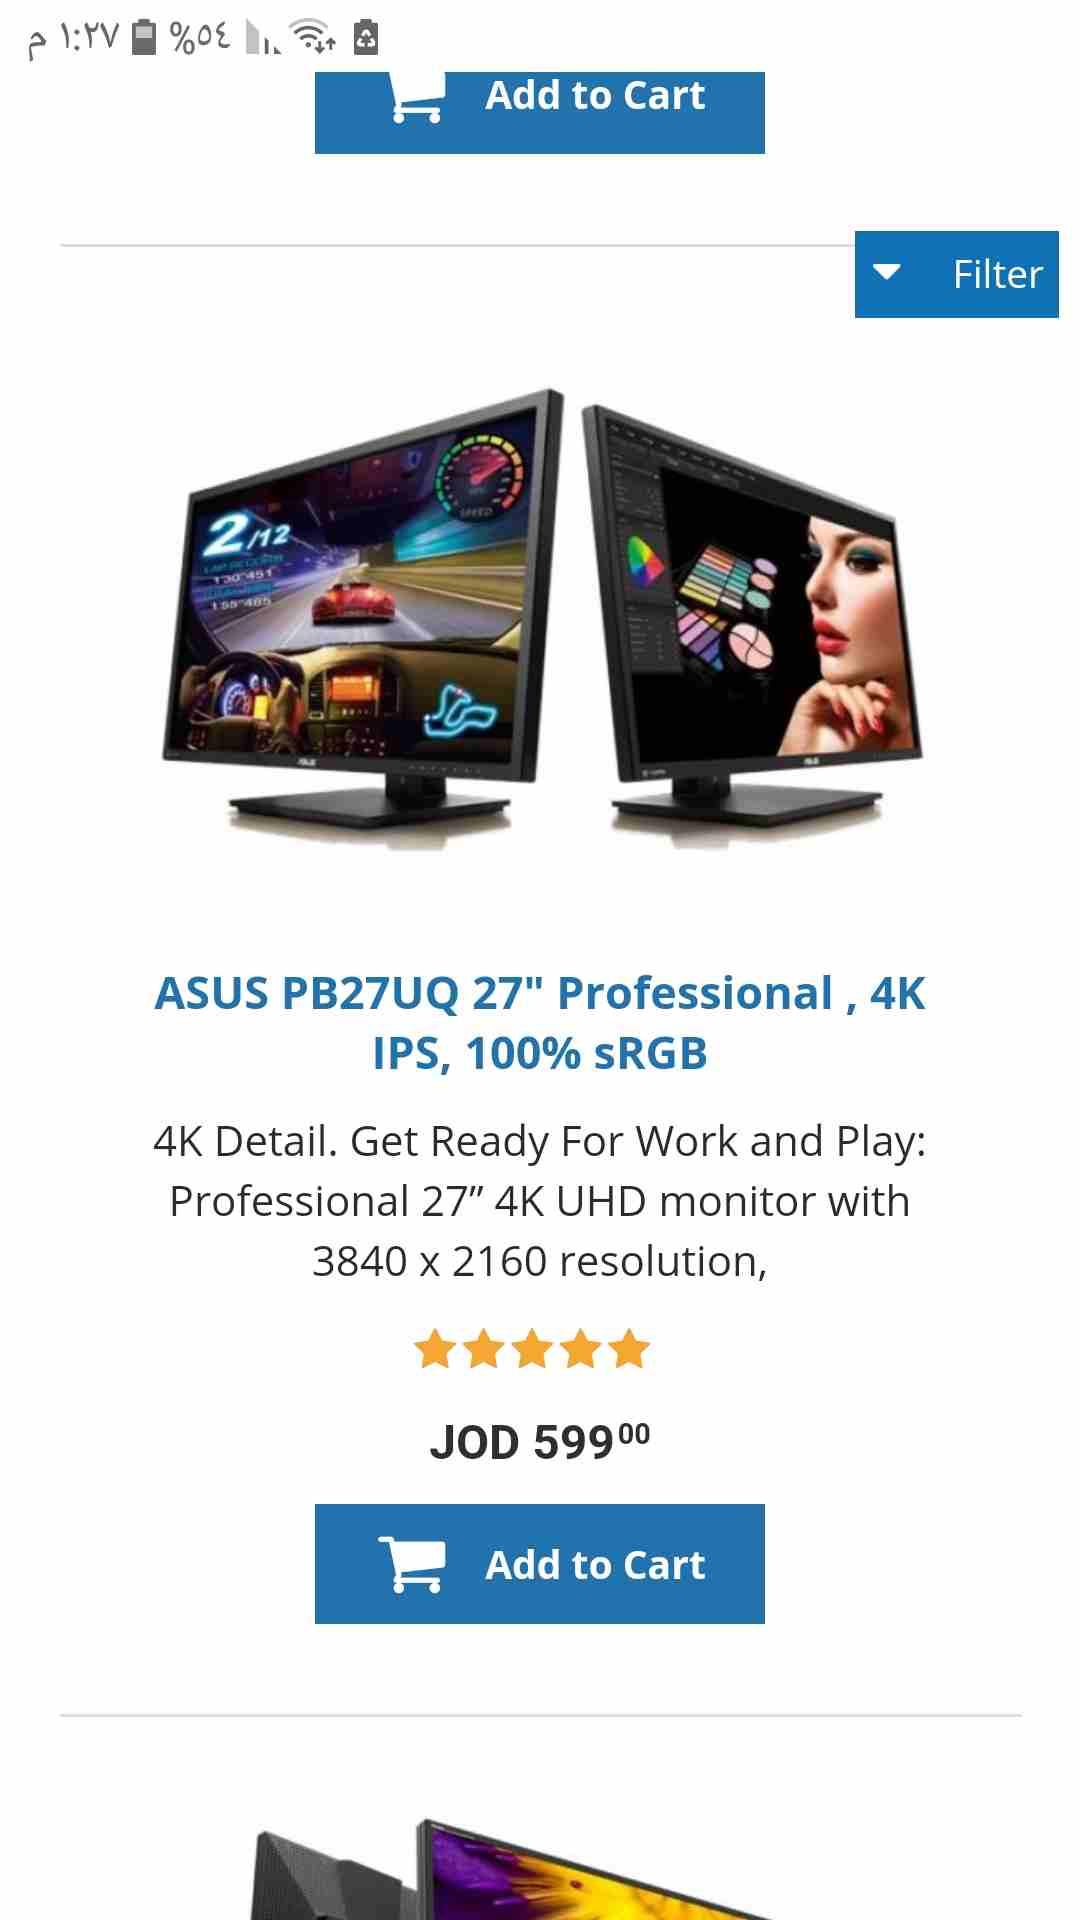 كمبيوتر قيمنق مع (شاشة4K) وكيبورد وماوس و ماوس بات-  شاشة اسوس احترافية 4k,ips...